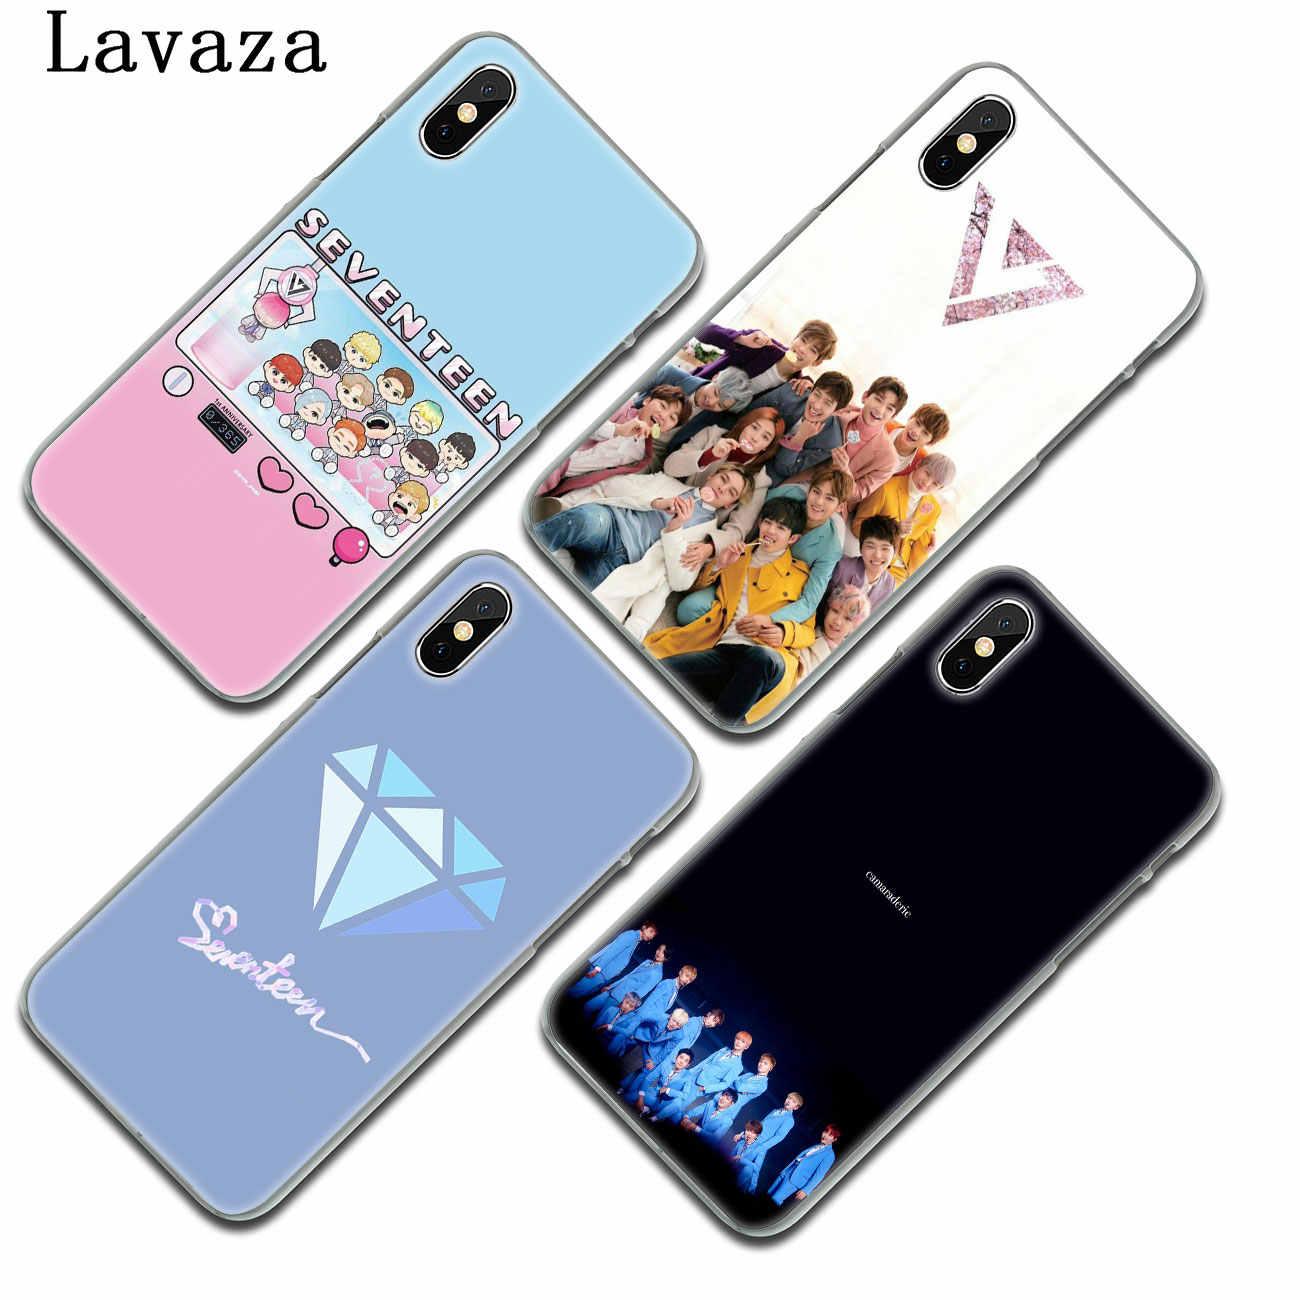 Lavaza Zeventien JUNI DK JOSHUA kpop Hard Telefoon Case voor iPhone XR XS X 11 Pro Max 10 7 8 6 6S 5 5S SE 4 4S 4 Cover